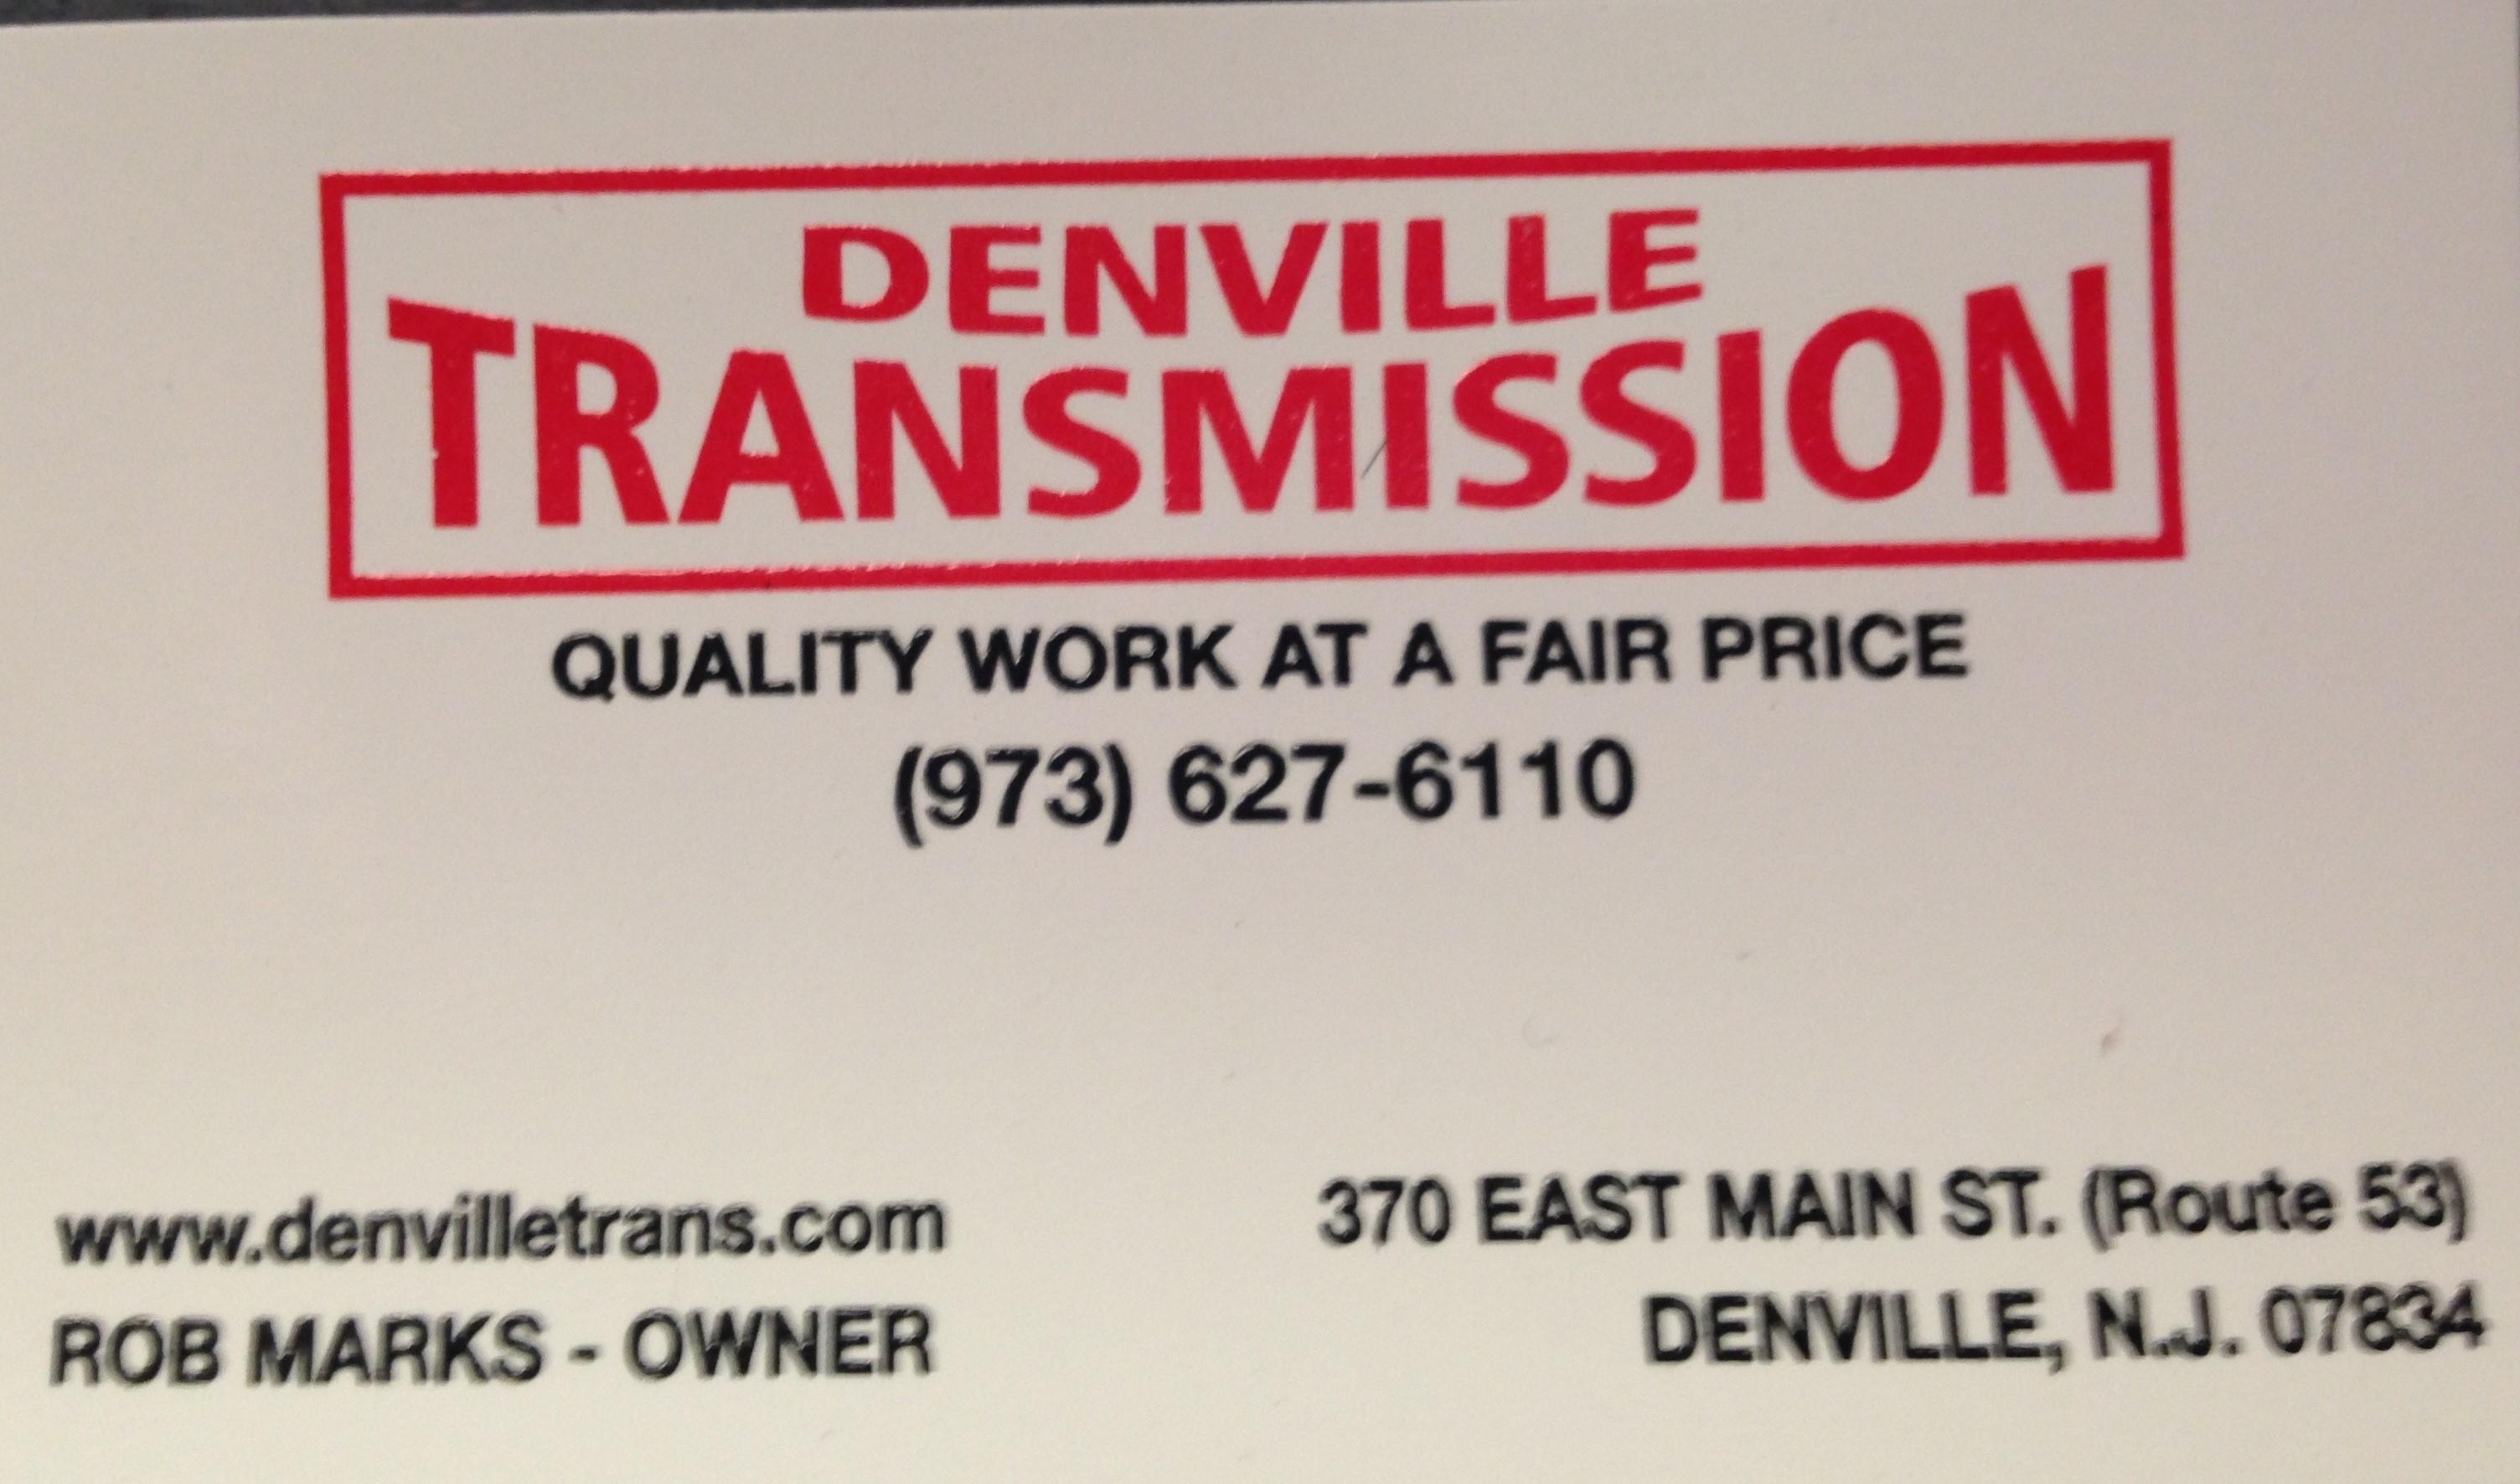 Denville Transmission